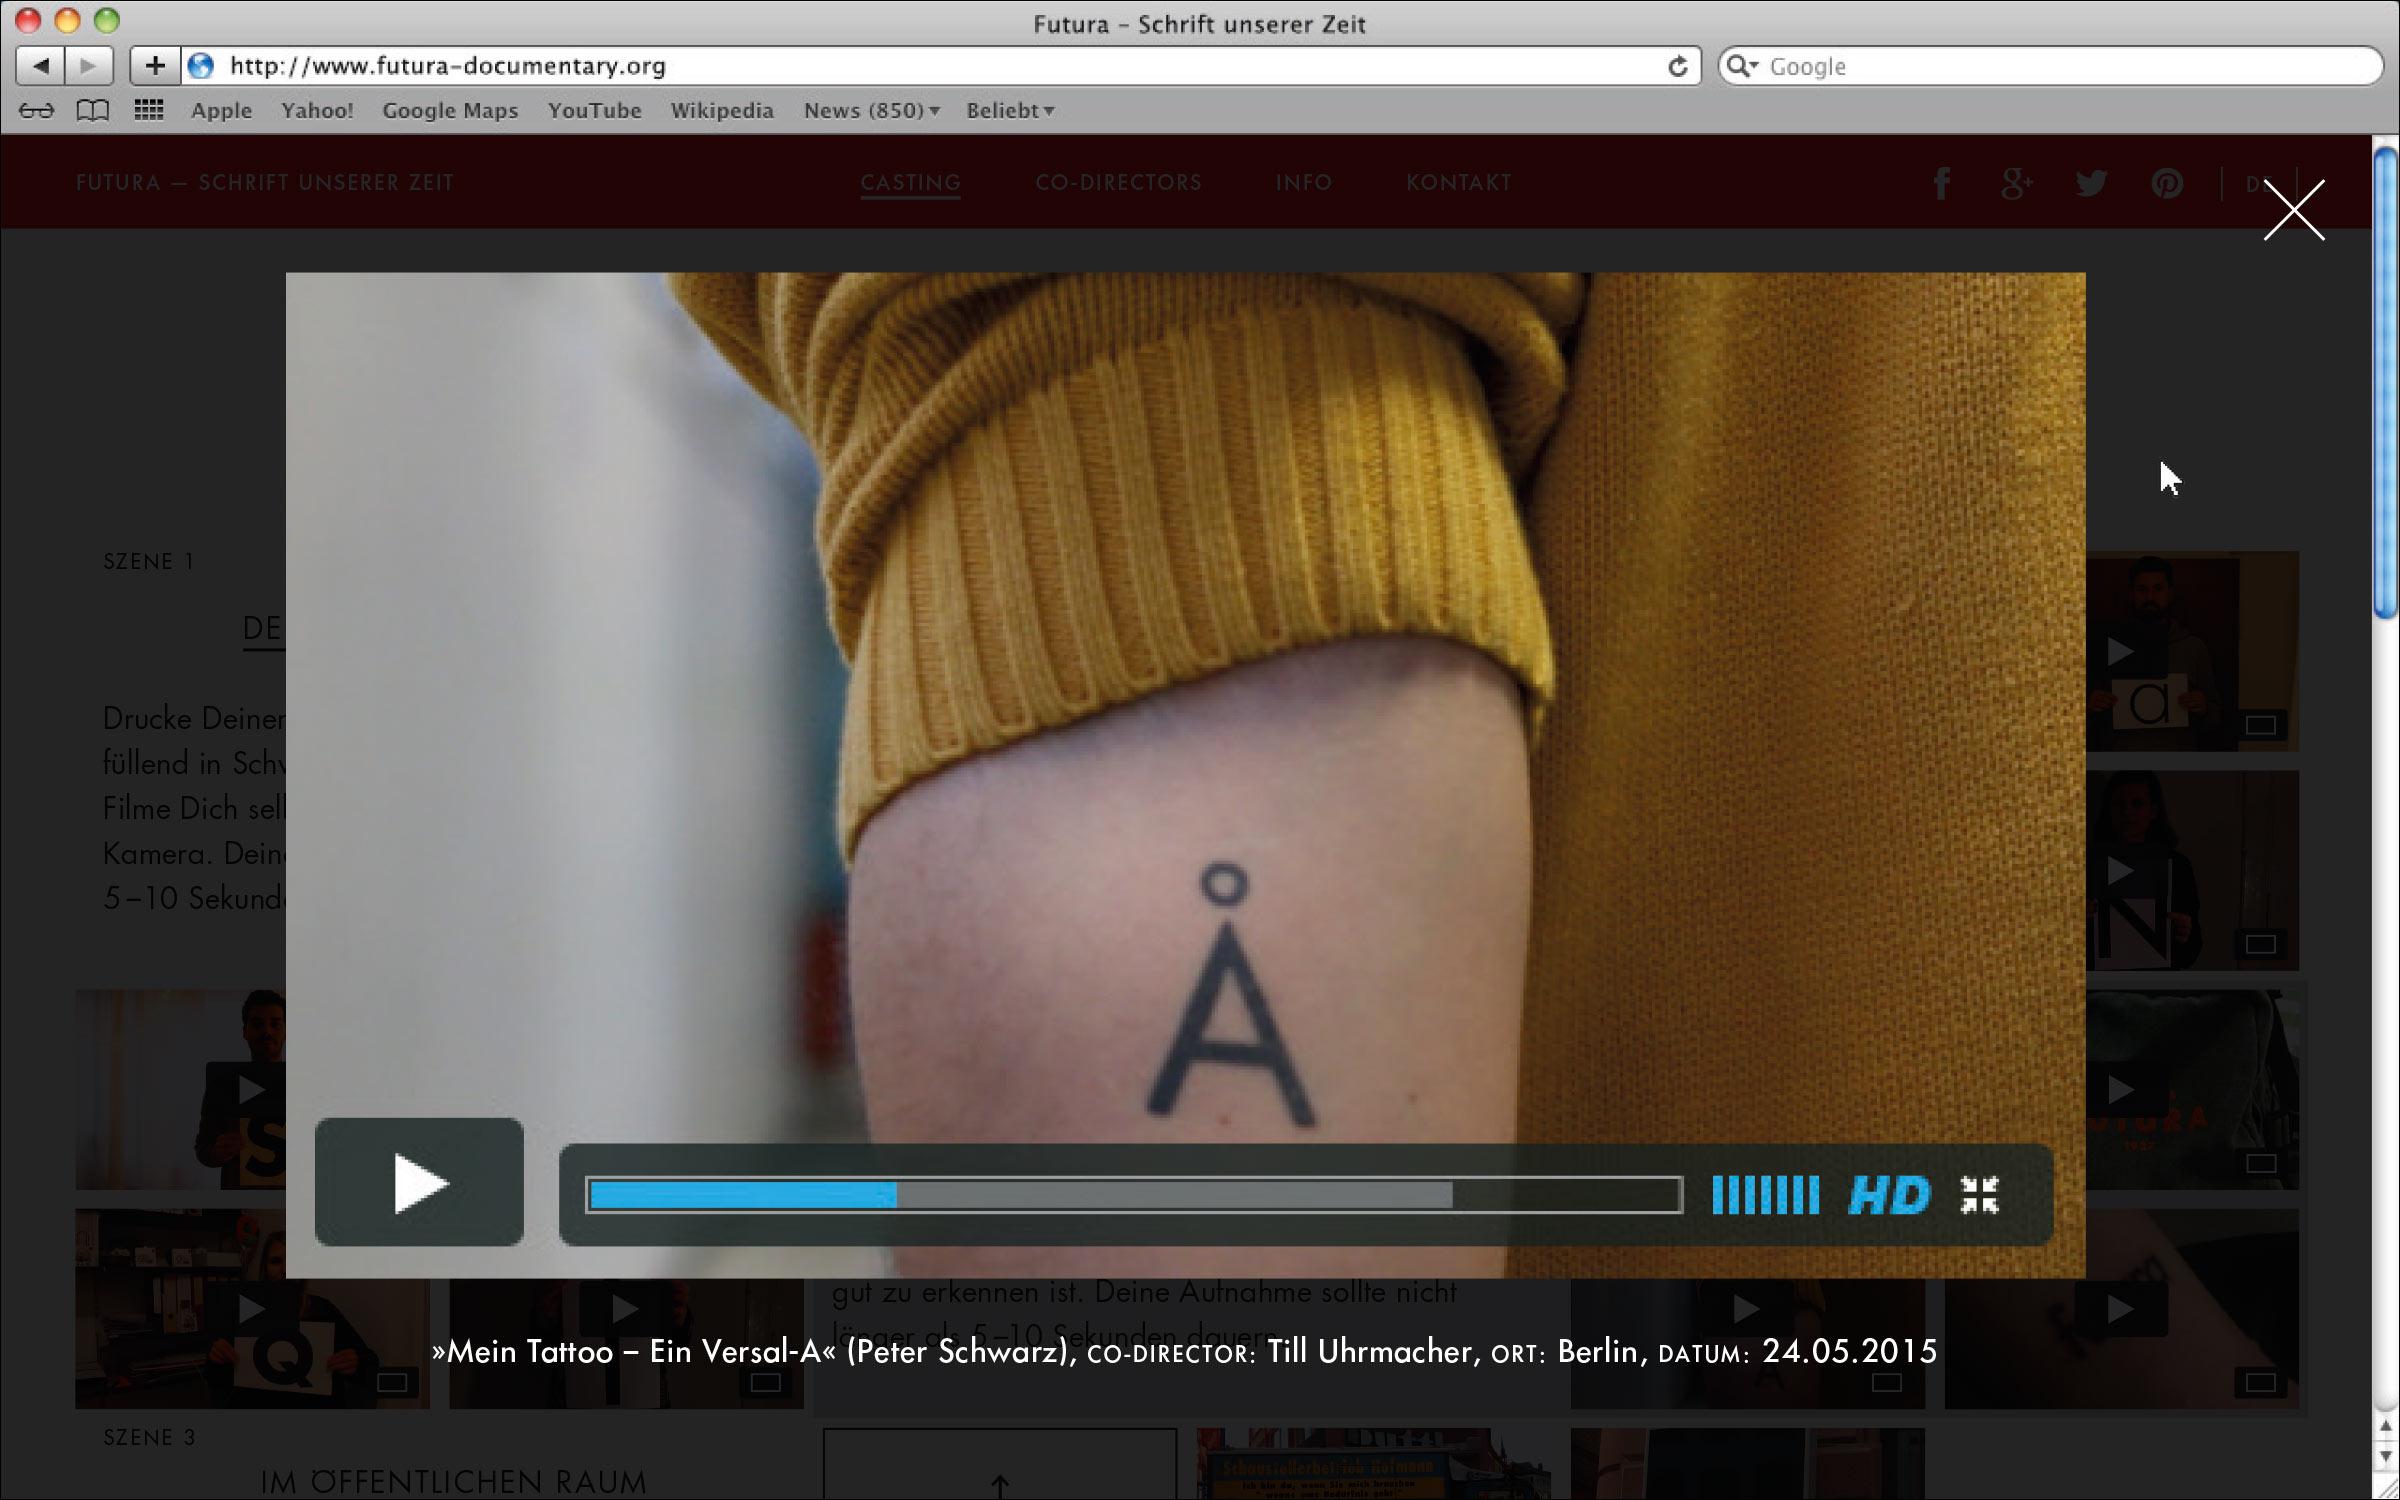 Eingebundenes Vimeo-Video wird in Lightbox wiedergegeben © Christian Weber – Büro für Gestaltung und Kommunikation